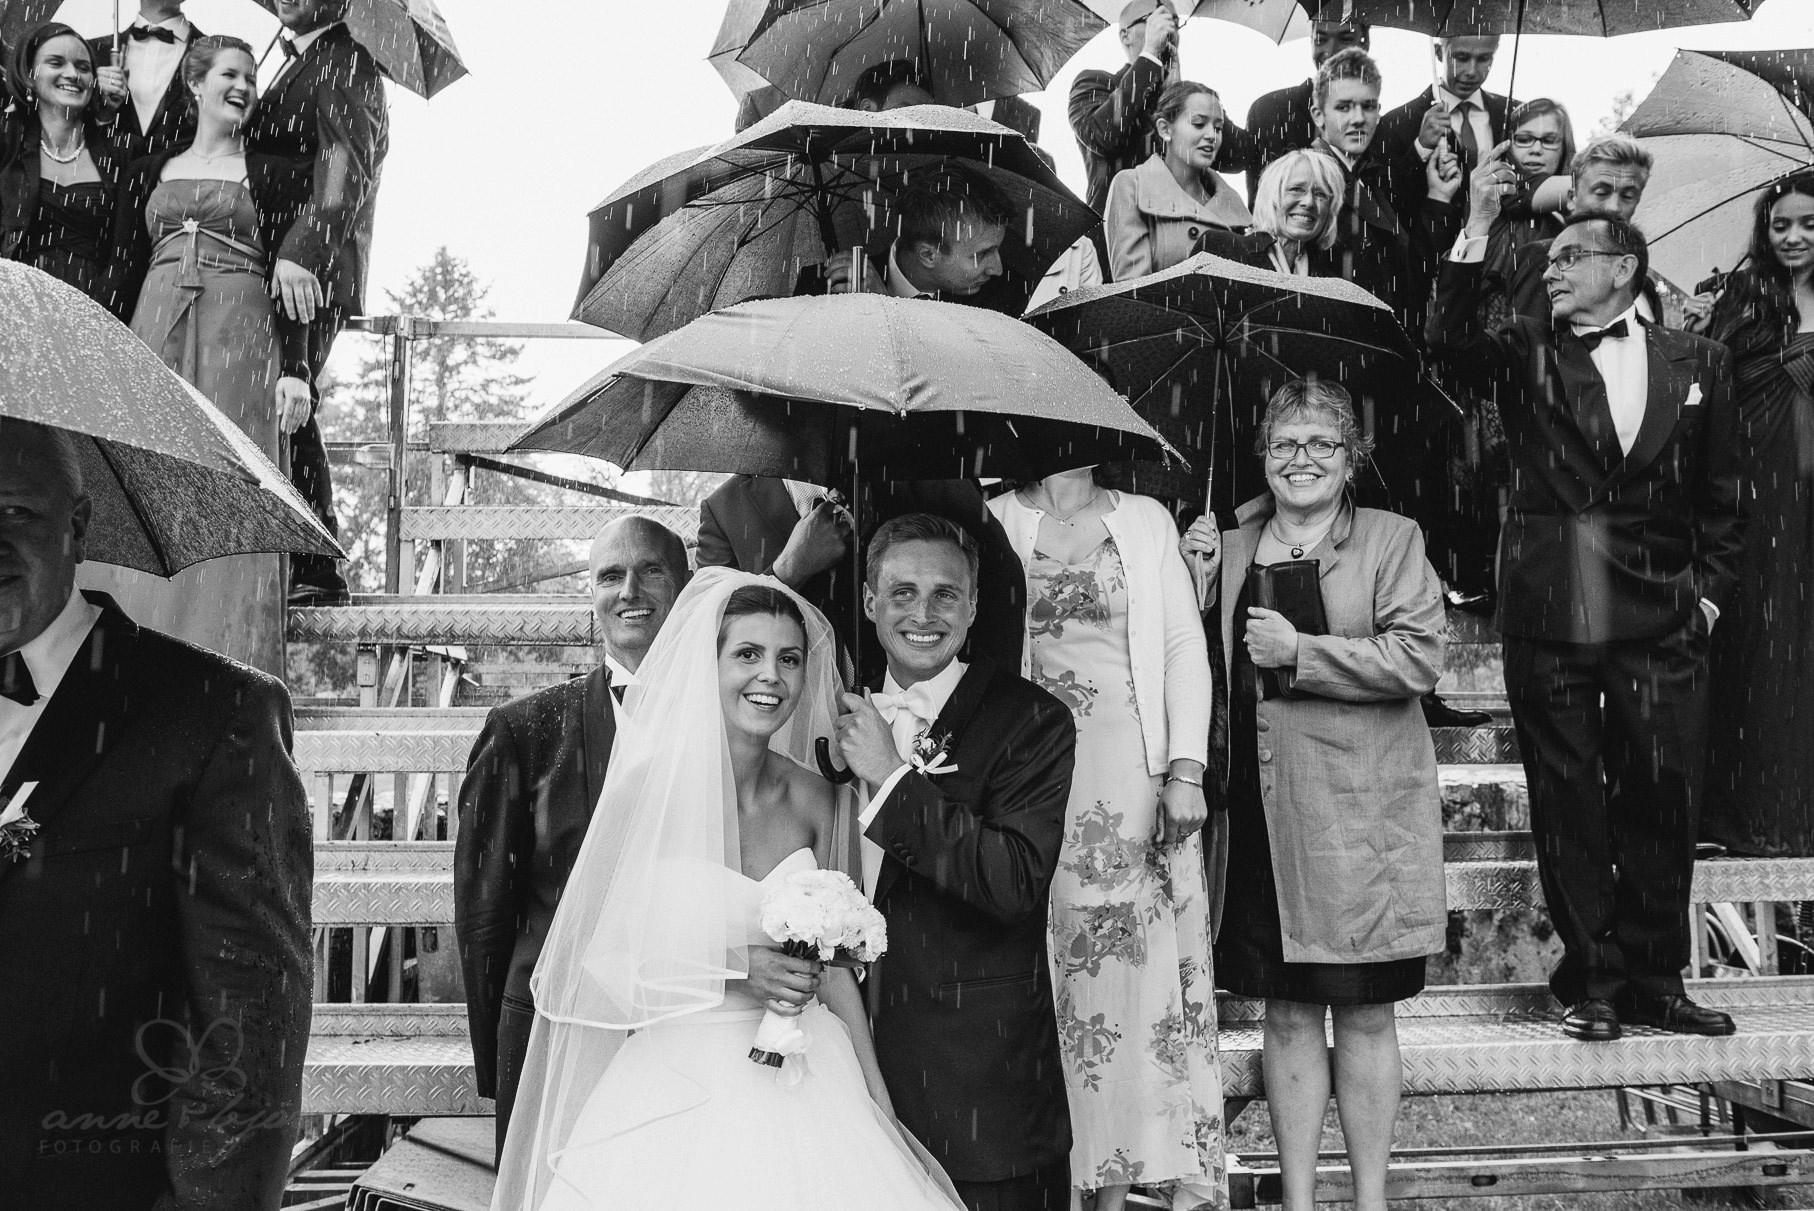 0039 hochzeit zollenspieker faehrhaus 812 8318 - Hochzeit im Zollenspieker Fährhaus - Magda-Lena & Thies